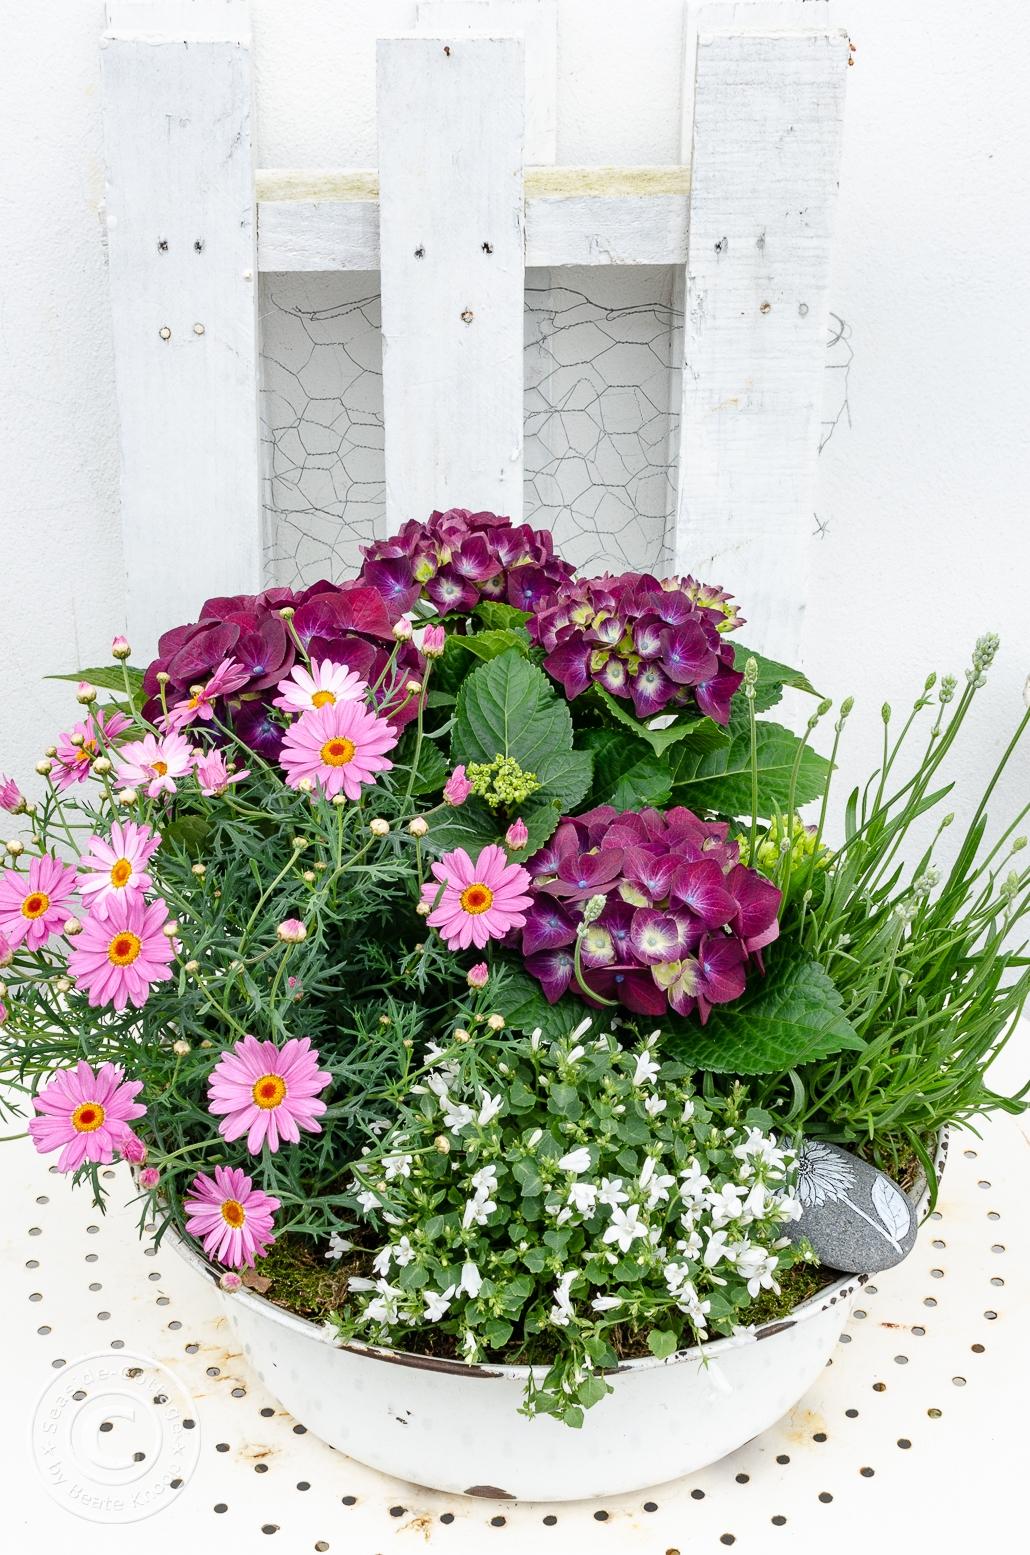 Blumen zum Muttertag - bepflanzte Emmaileschale in 3 Schritten